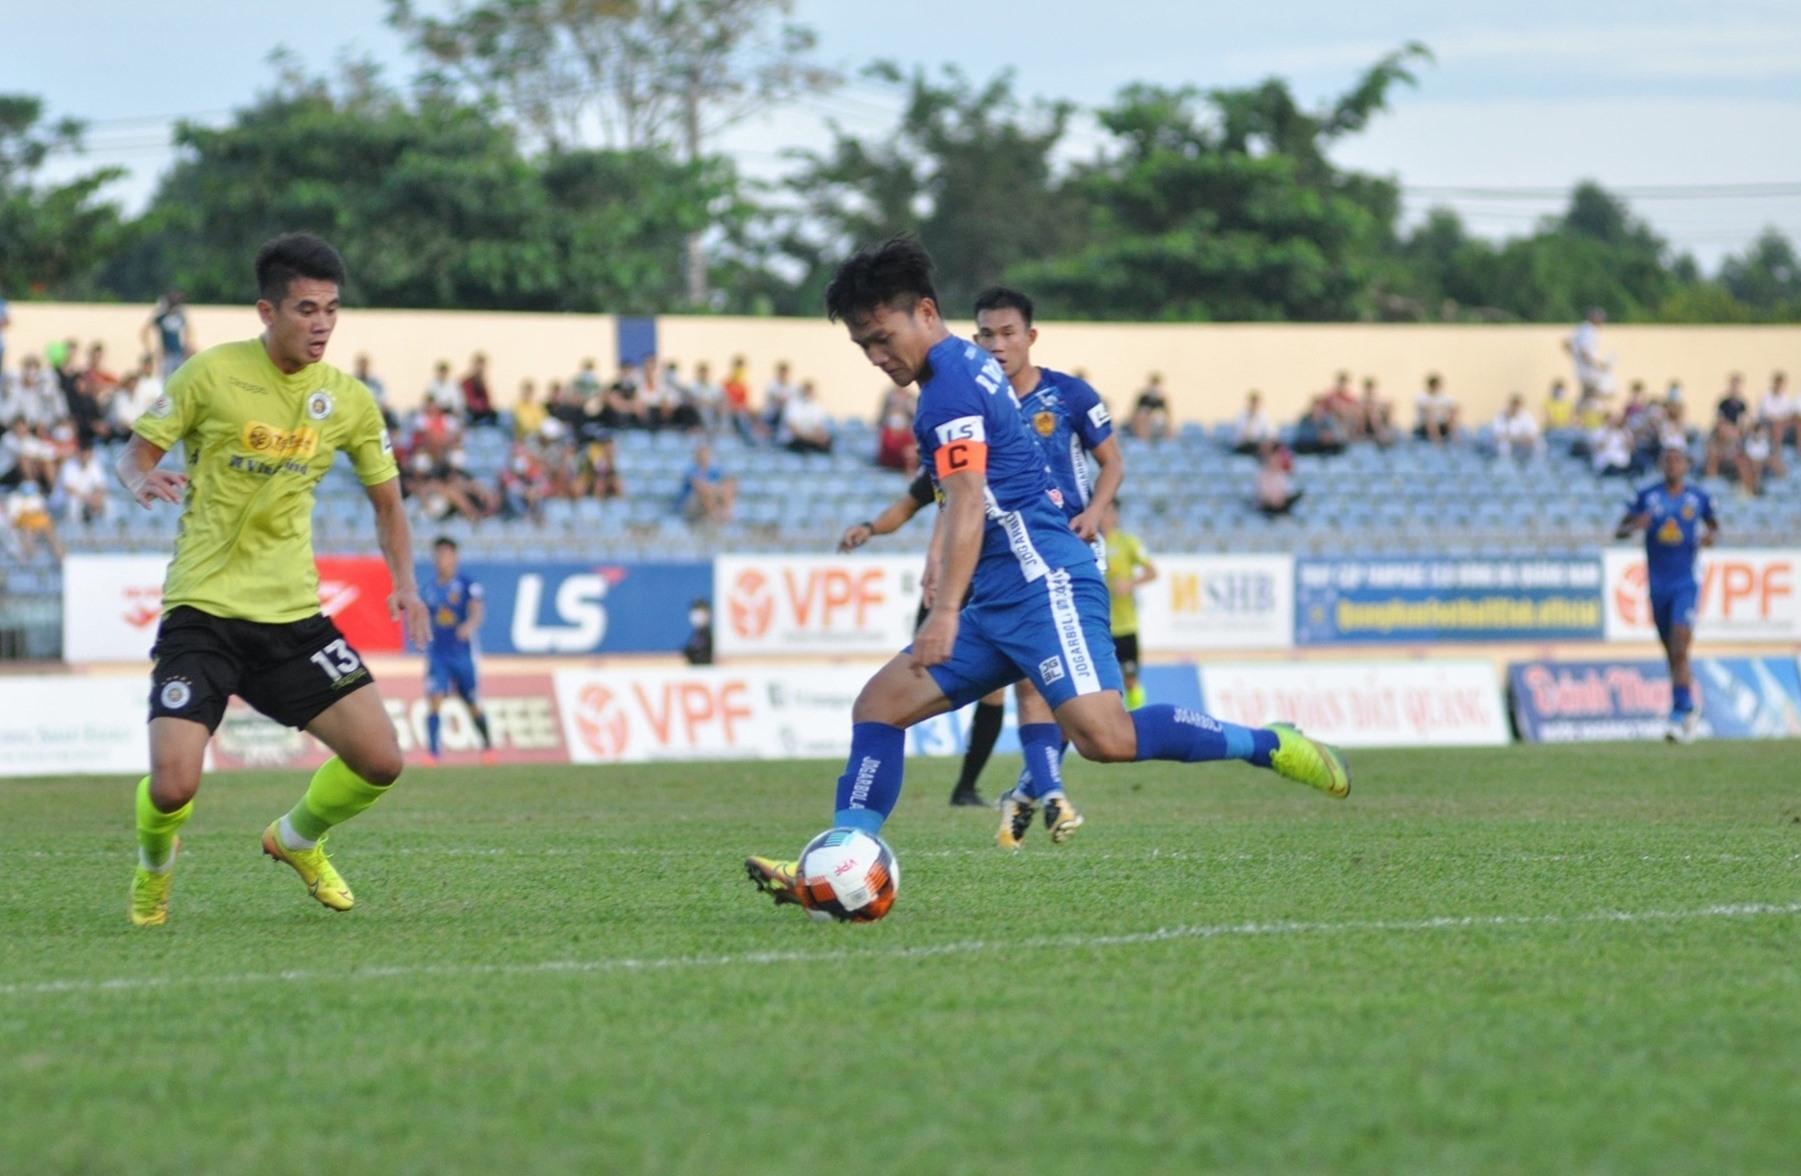 Lịch thi đấu giai đoạn 2 khá khó khăn đối với Thanh Trung (áo xanh) cùng các đồng đội. Ảnh: T.V